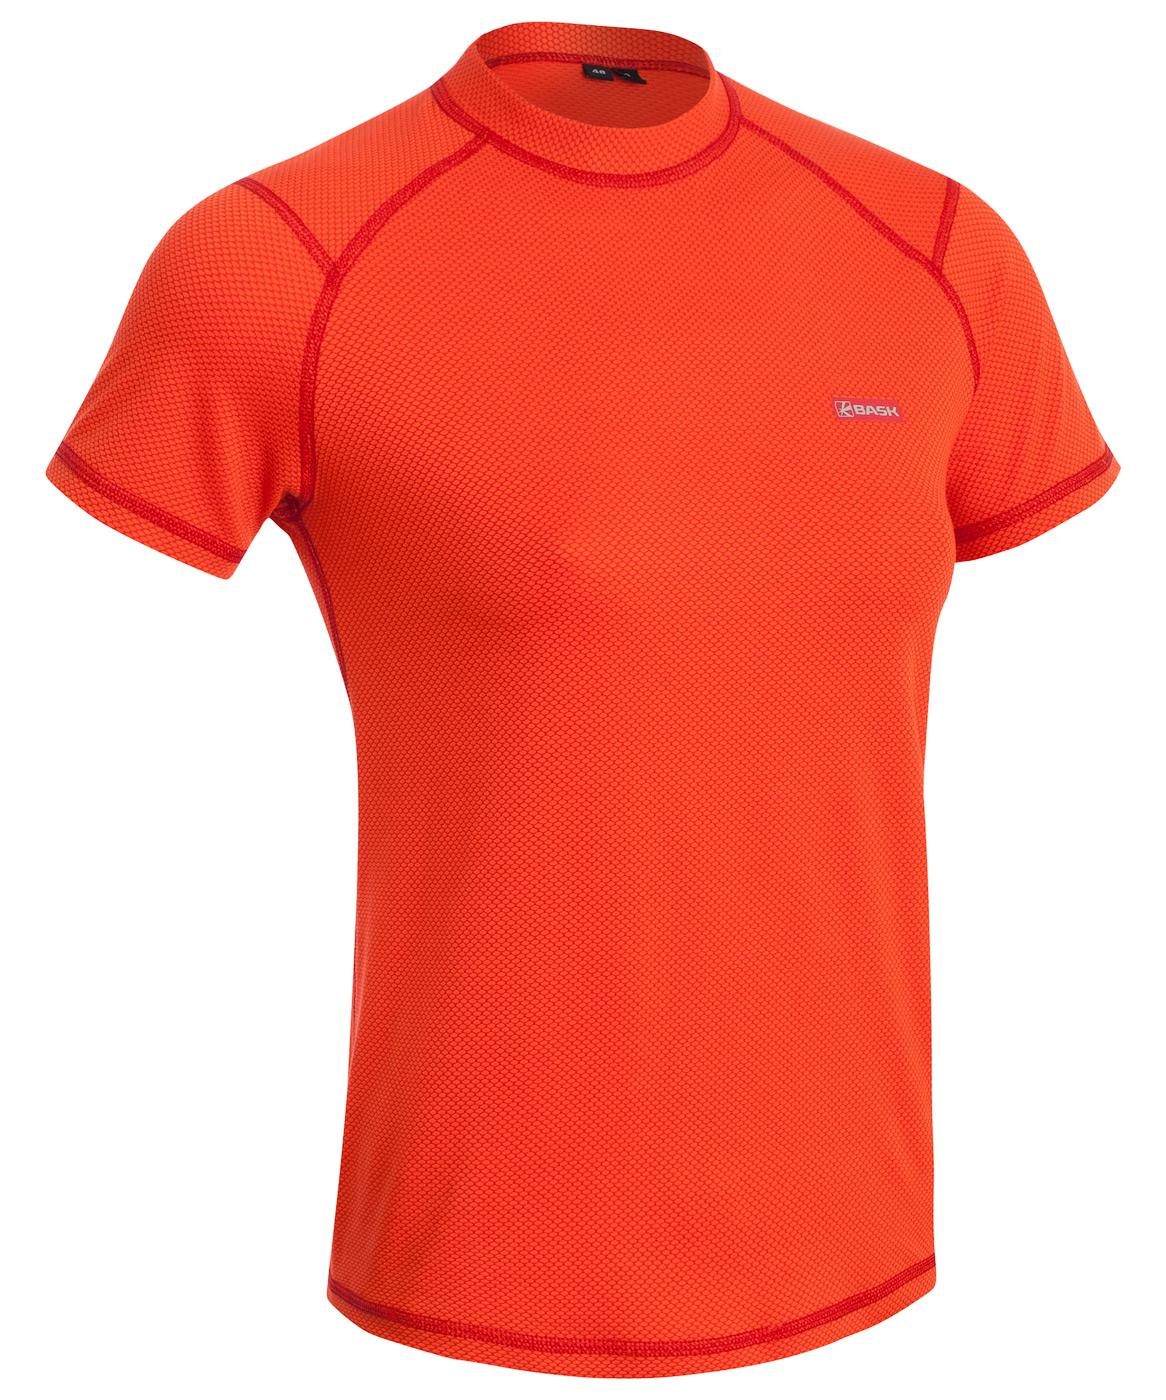 Купить Термобелье футболка BASK SAHARA оранжевая, Компания БАСК